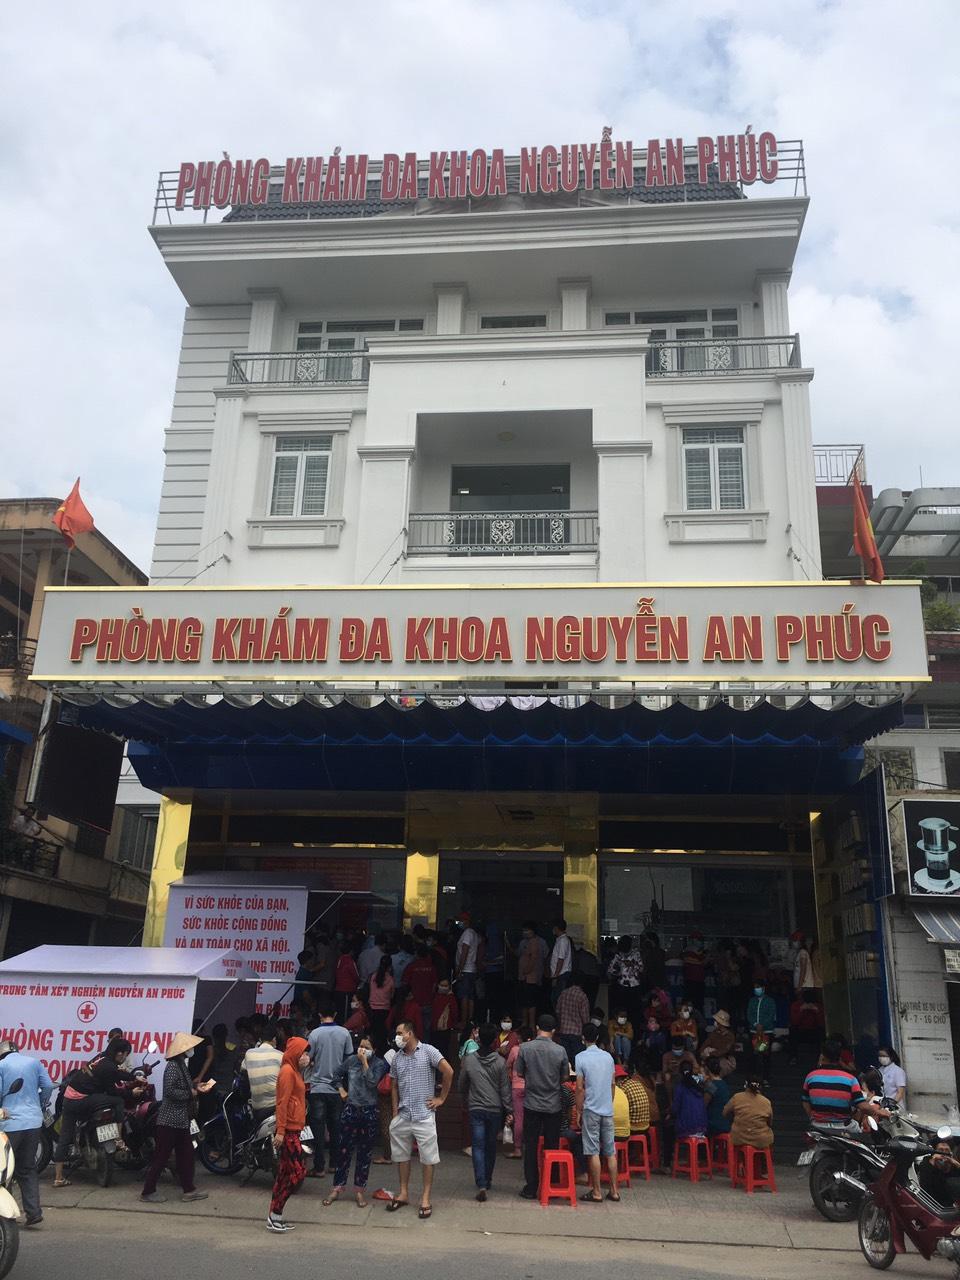 Sáng sớm ngày 4/7, rất đông người đi làm XN COVID-19 tại cơ sở y tế tư nhân ở TP. Biên Hoà, Đồng Nai